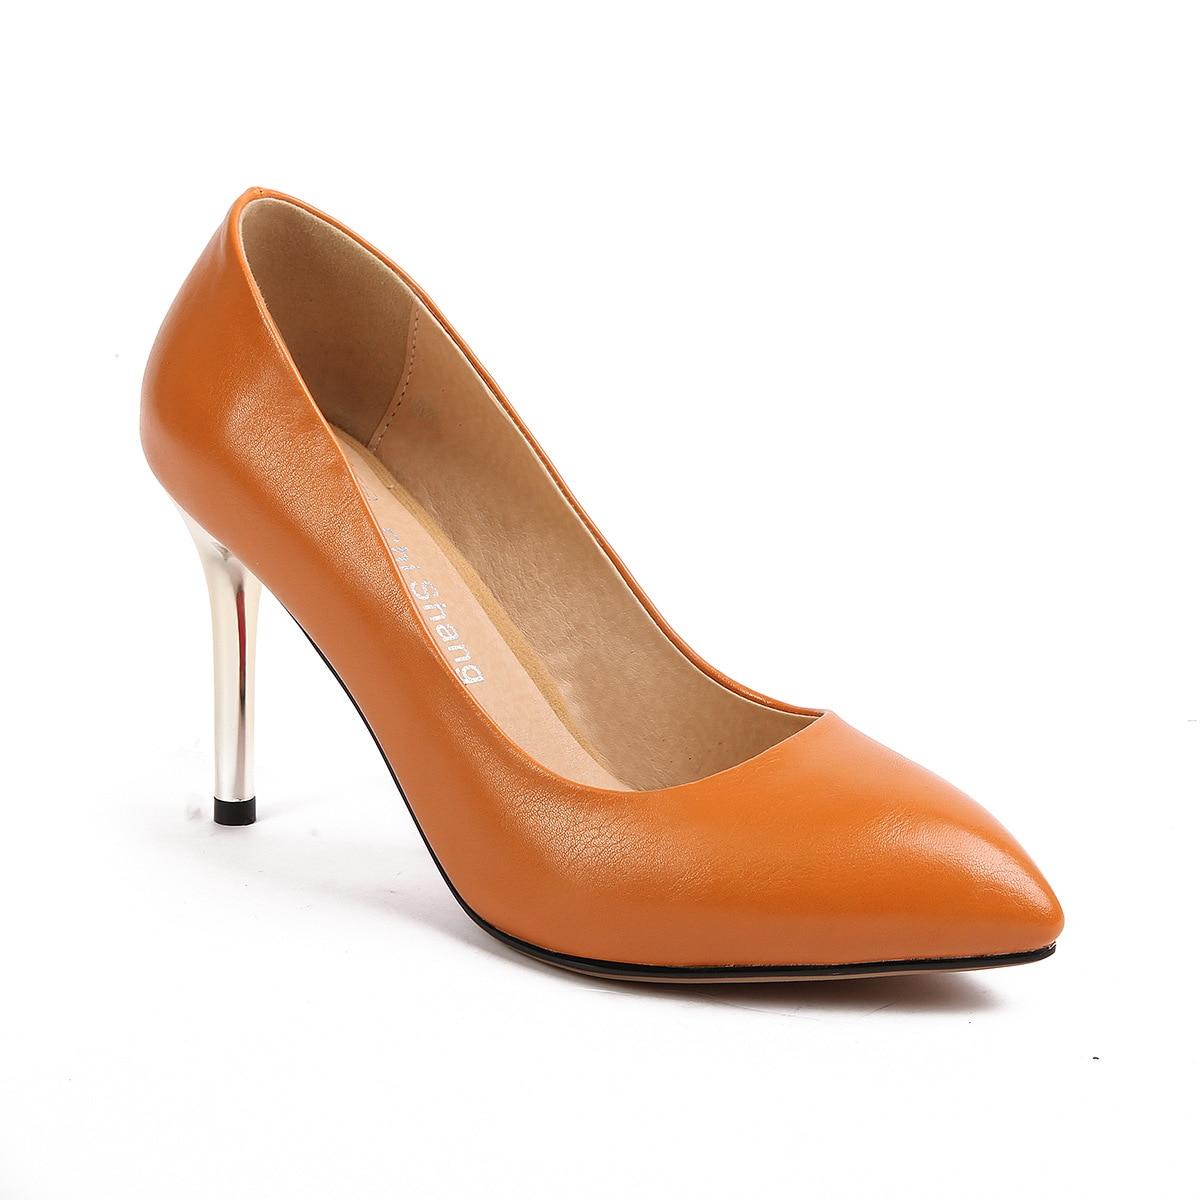 Talon 43 Femmes Sexy Bouche Super 32 Simples Mode High gris Pointu Début De Peu Noir jaune Chaussures Stiletto Profonde Printemps 2018 Au Nouveau Du 1831 nqapv